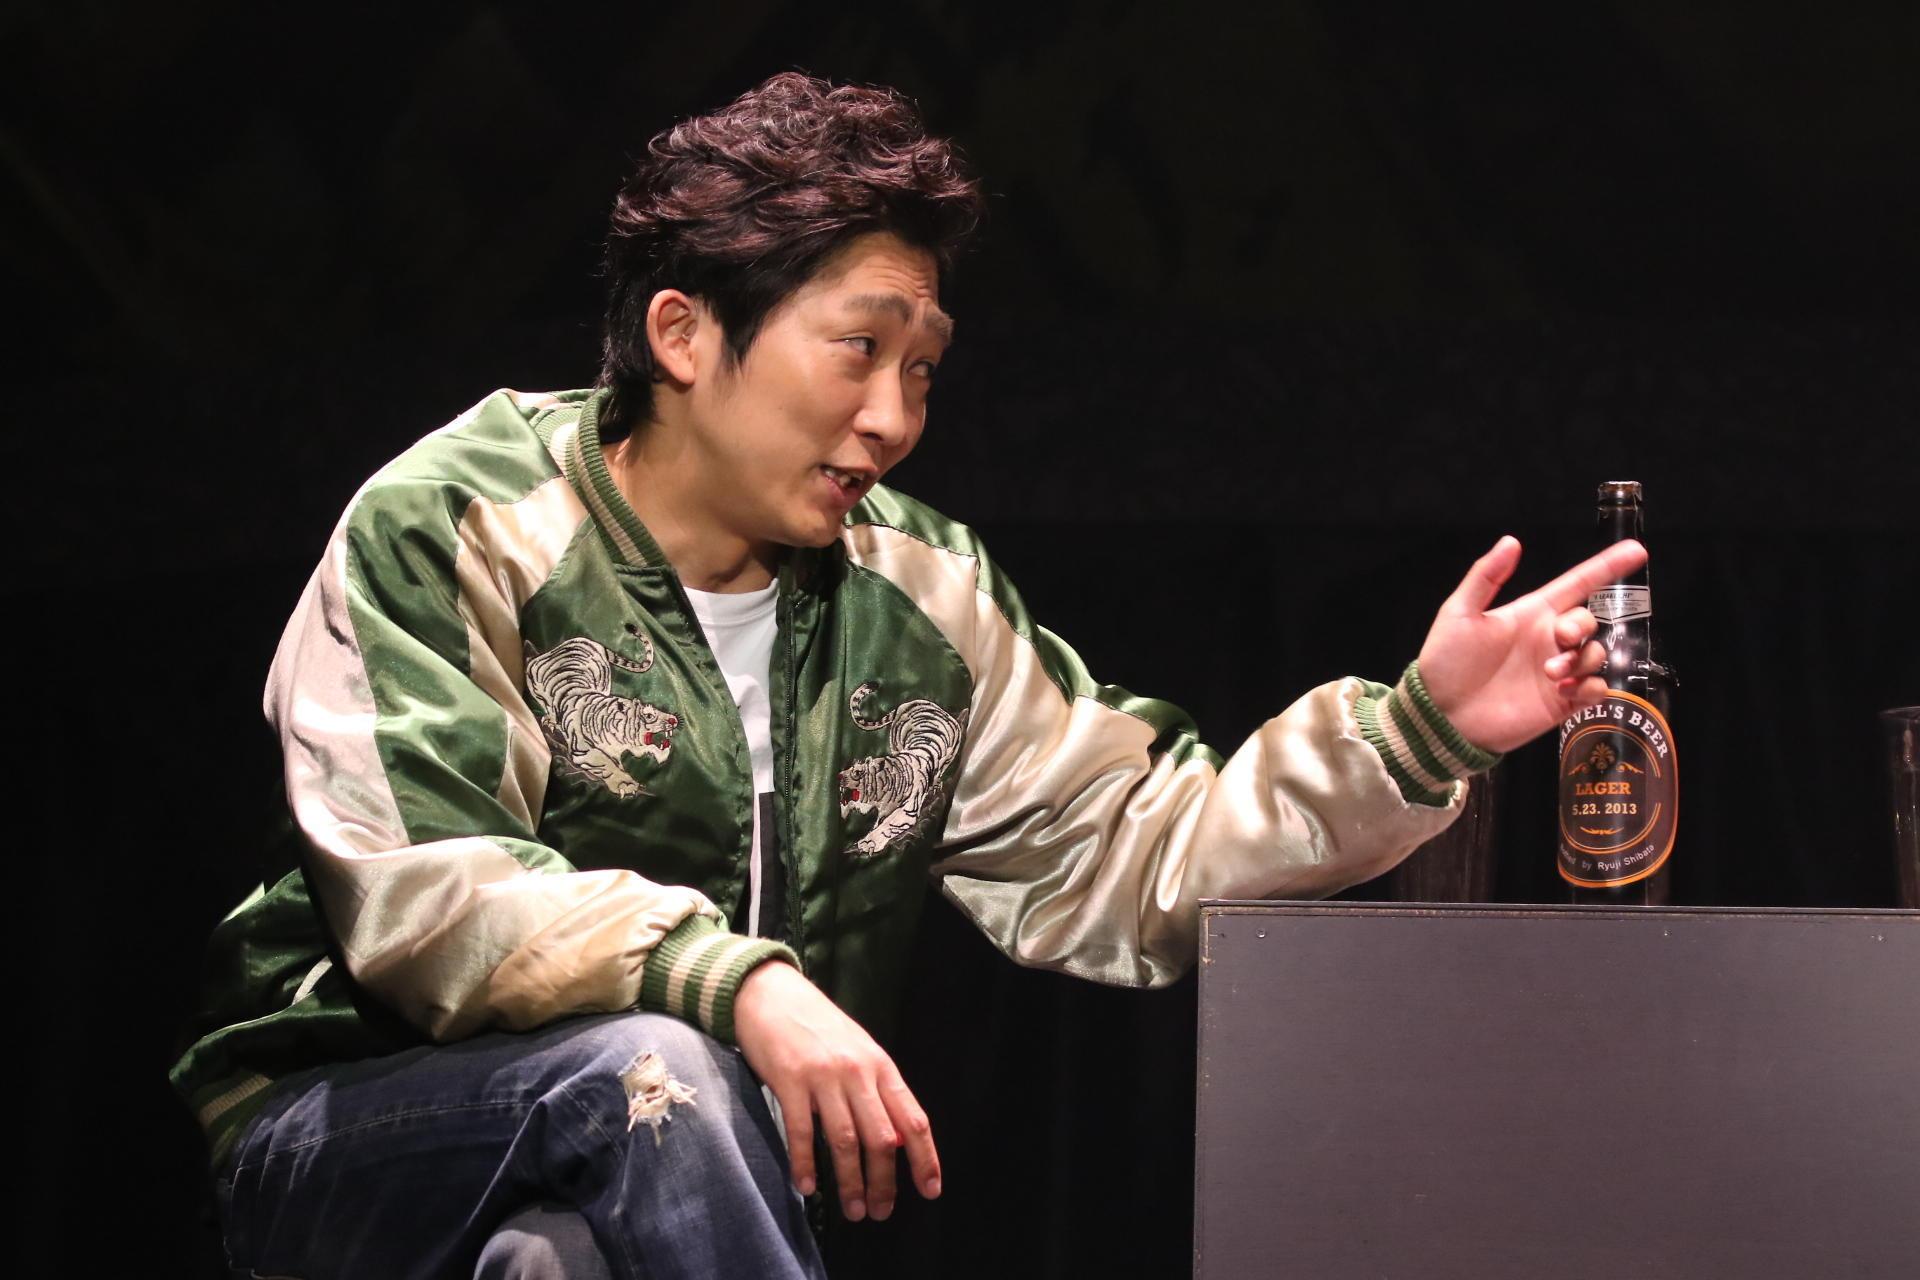 http://news.yoshimoto.co.jp/20180330224614-1dc56ddf3981af65af2051f15bce51462def9c11.jpg